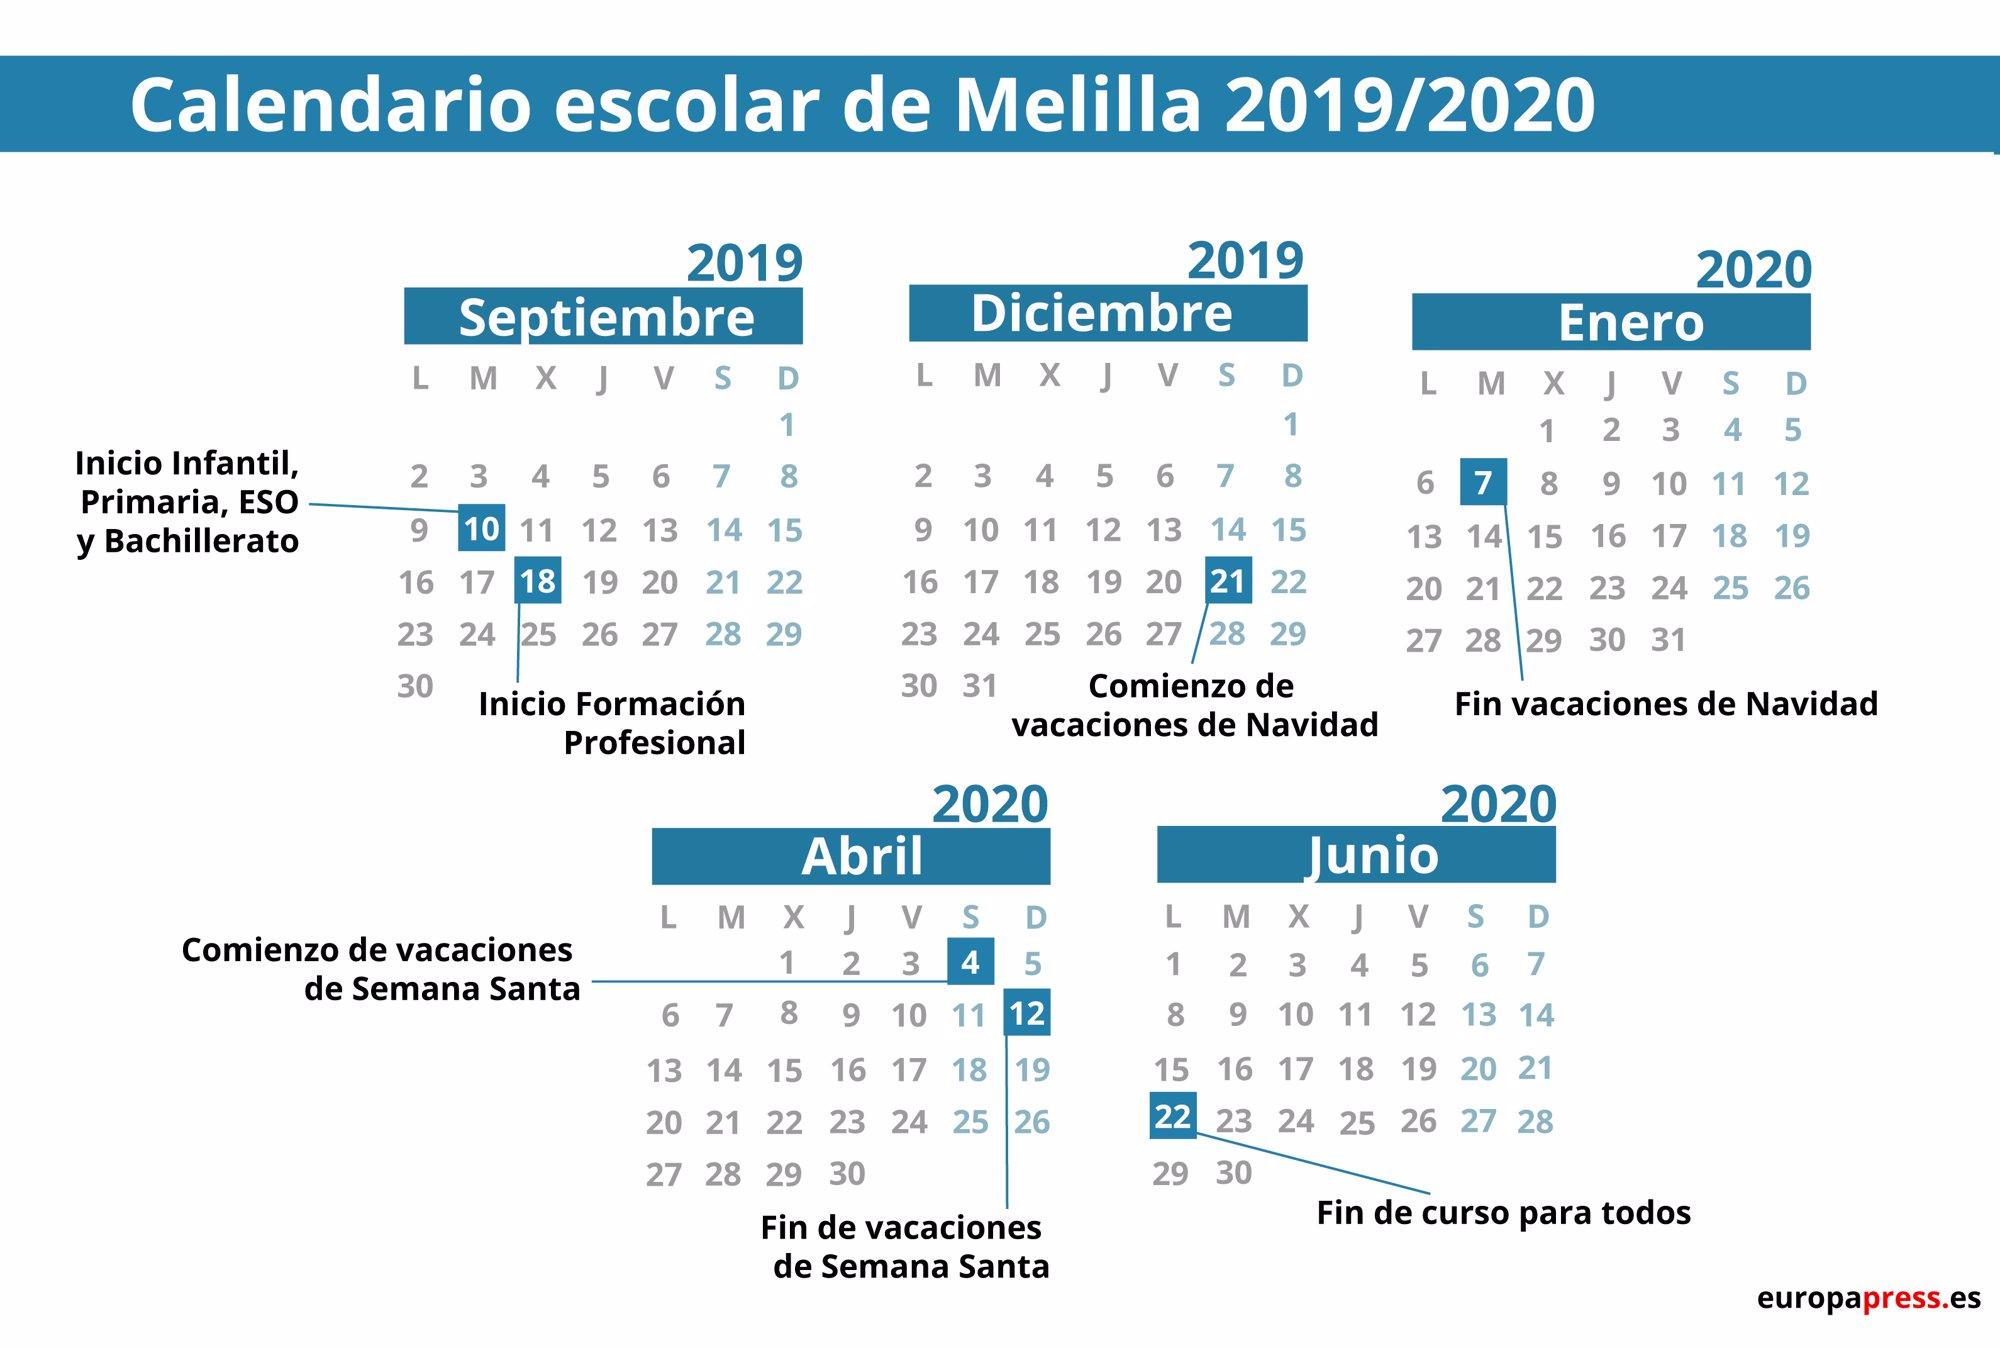 Aragon Calendario Escolar.Calendario Escolar 2020 Aragon